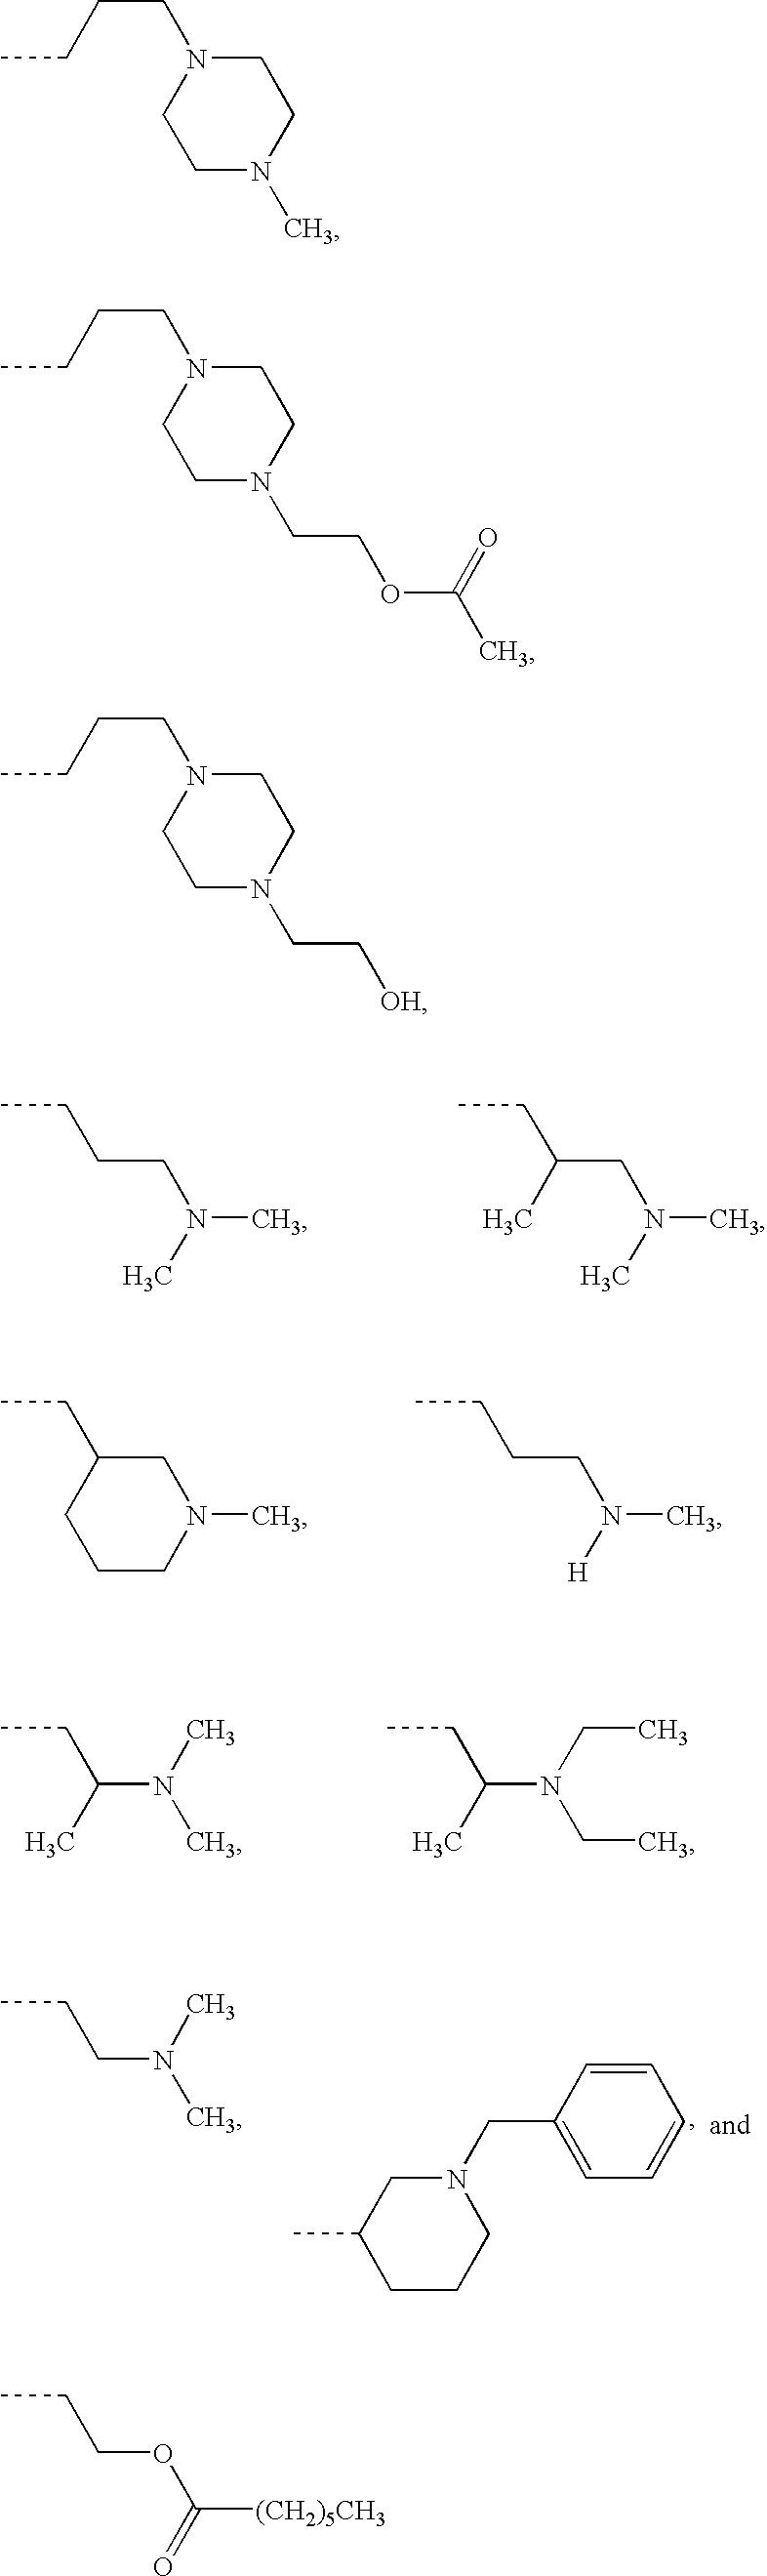 Figure US20070299043A1-20071227-C00203